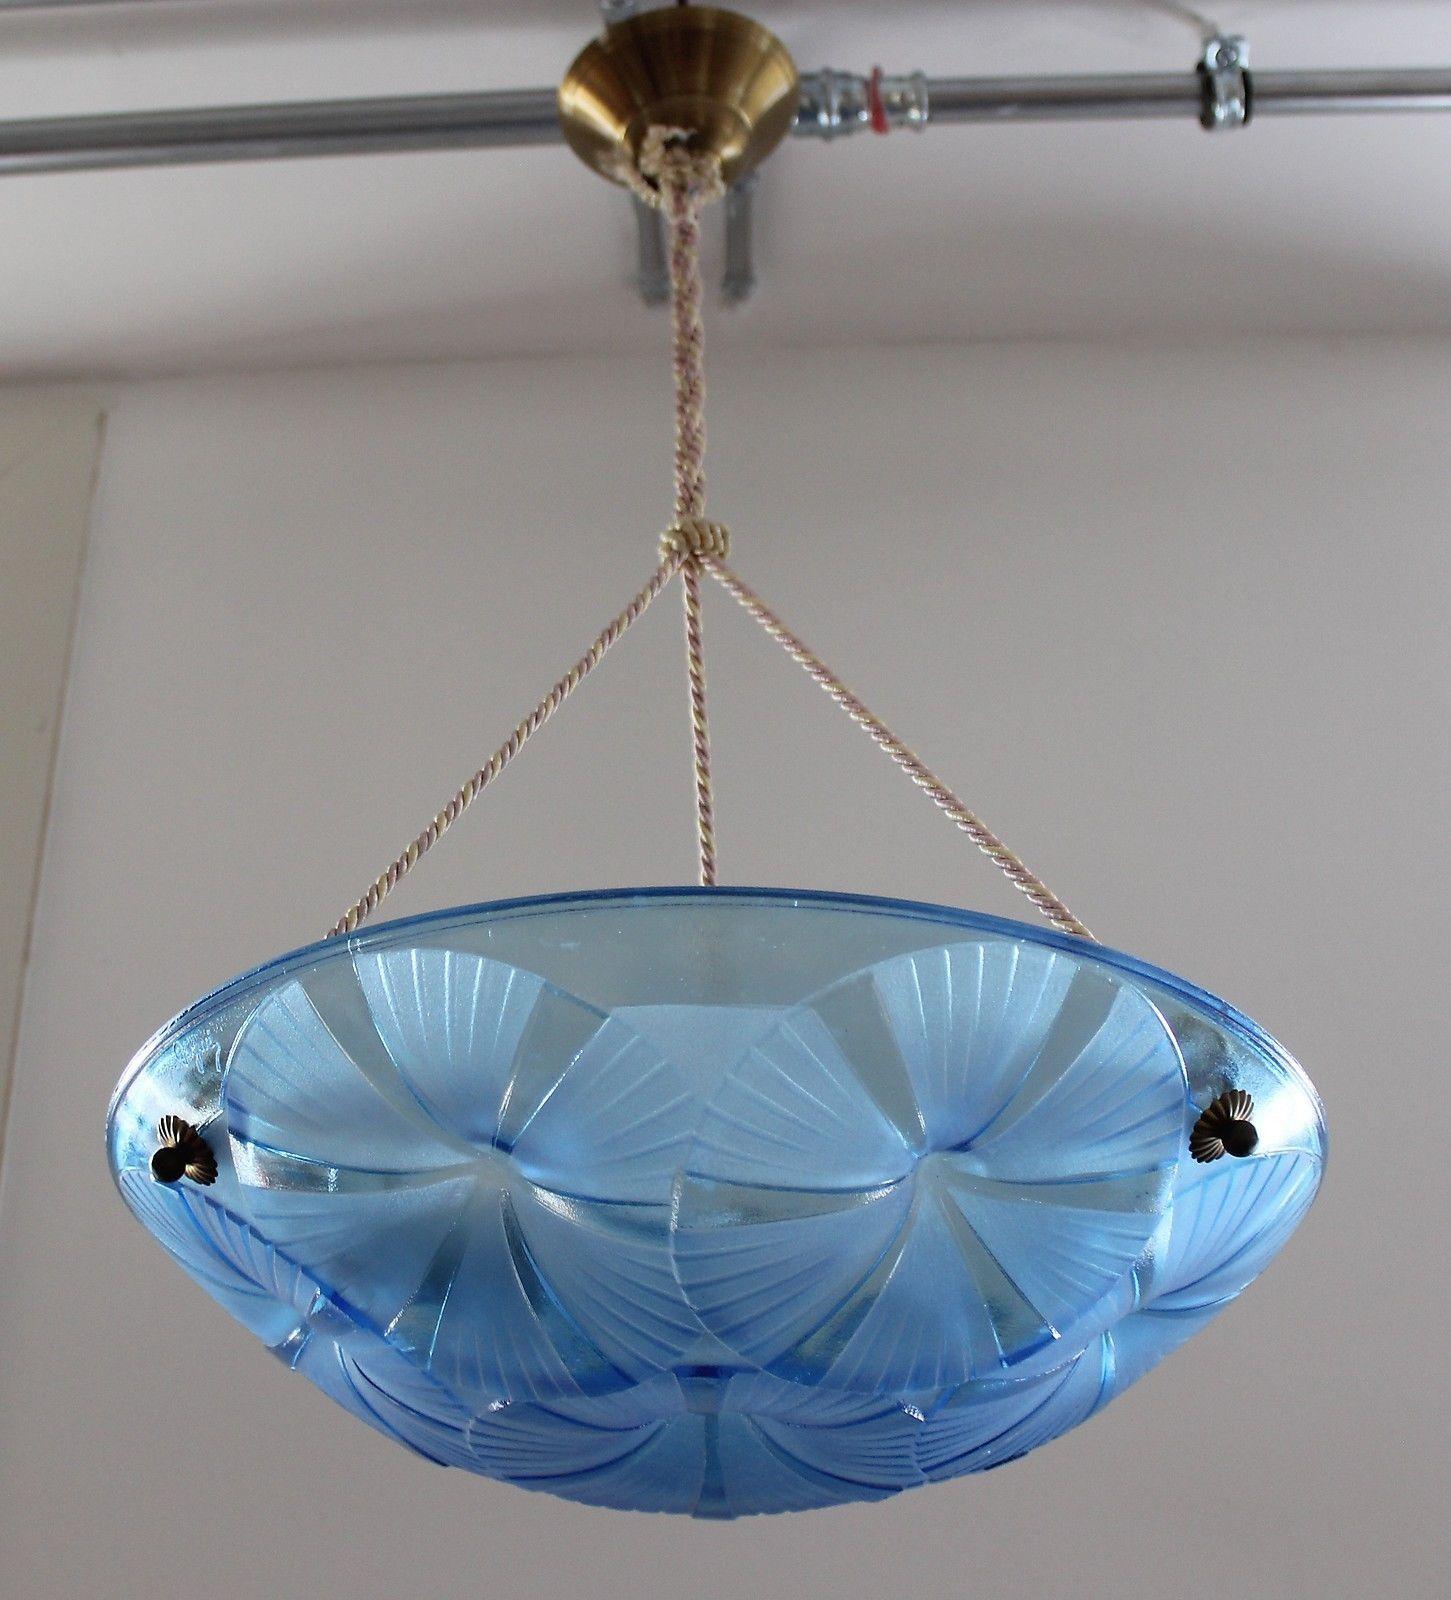 Tolle Degue Art Deco Schalenlampe Aus Frankreich Um 1920 30